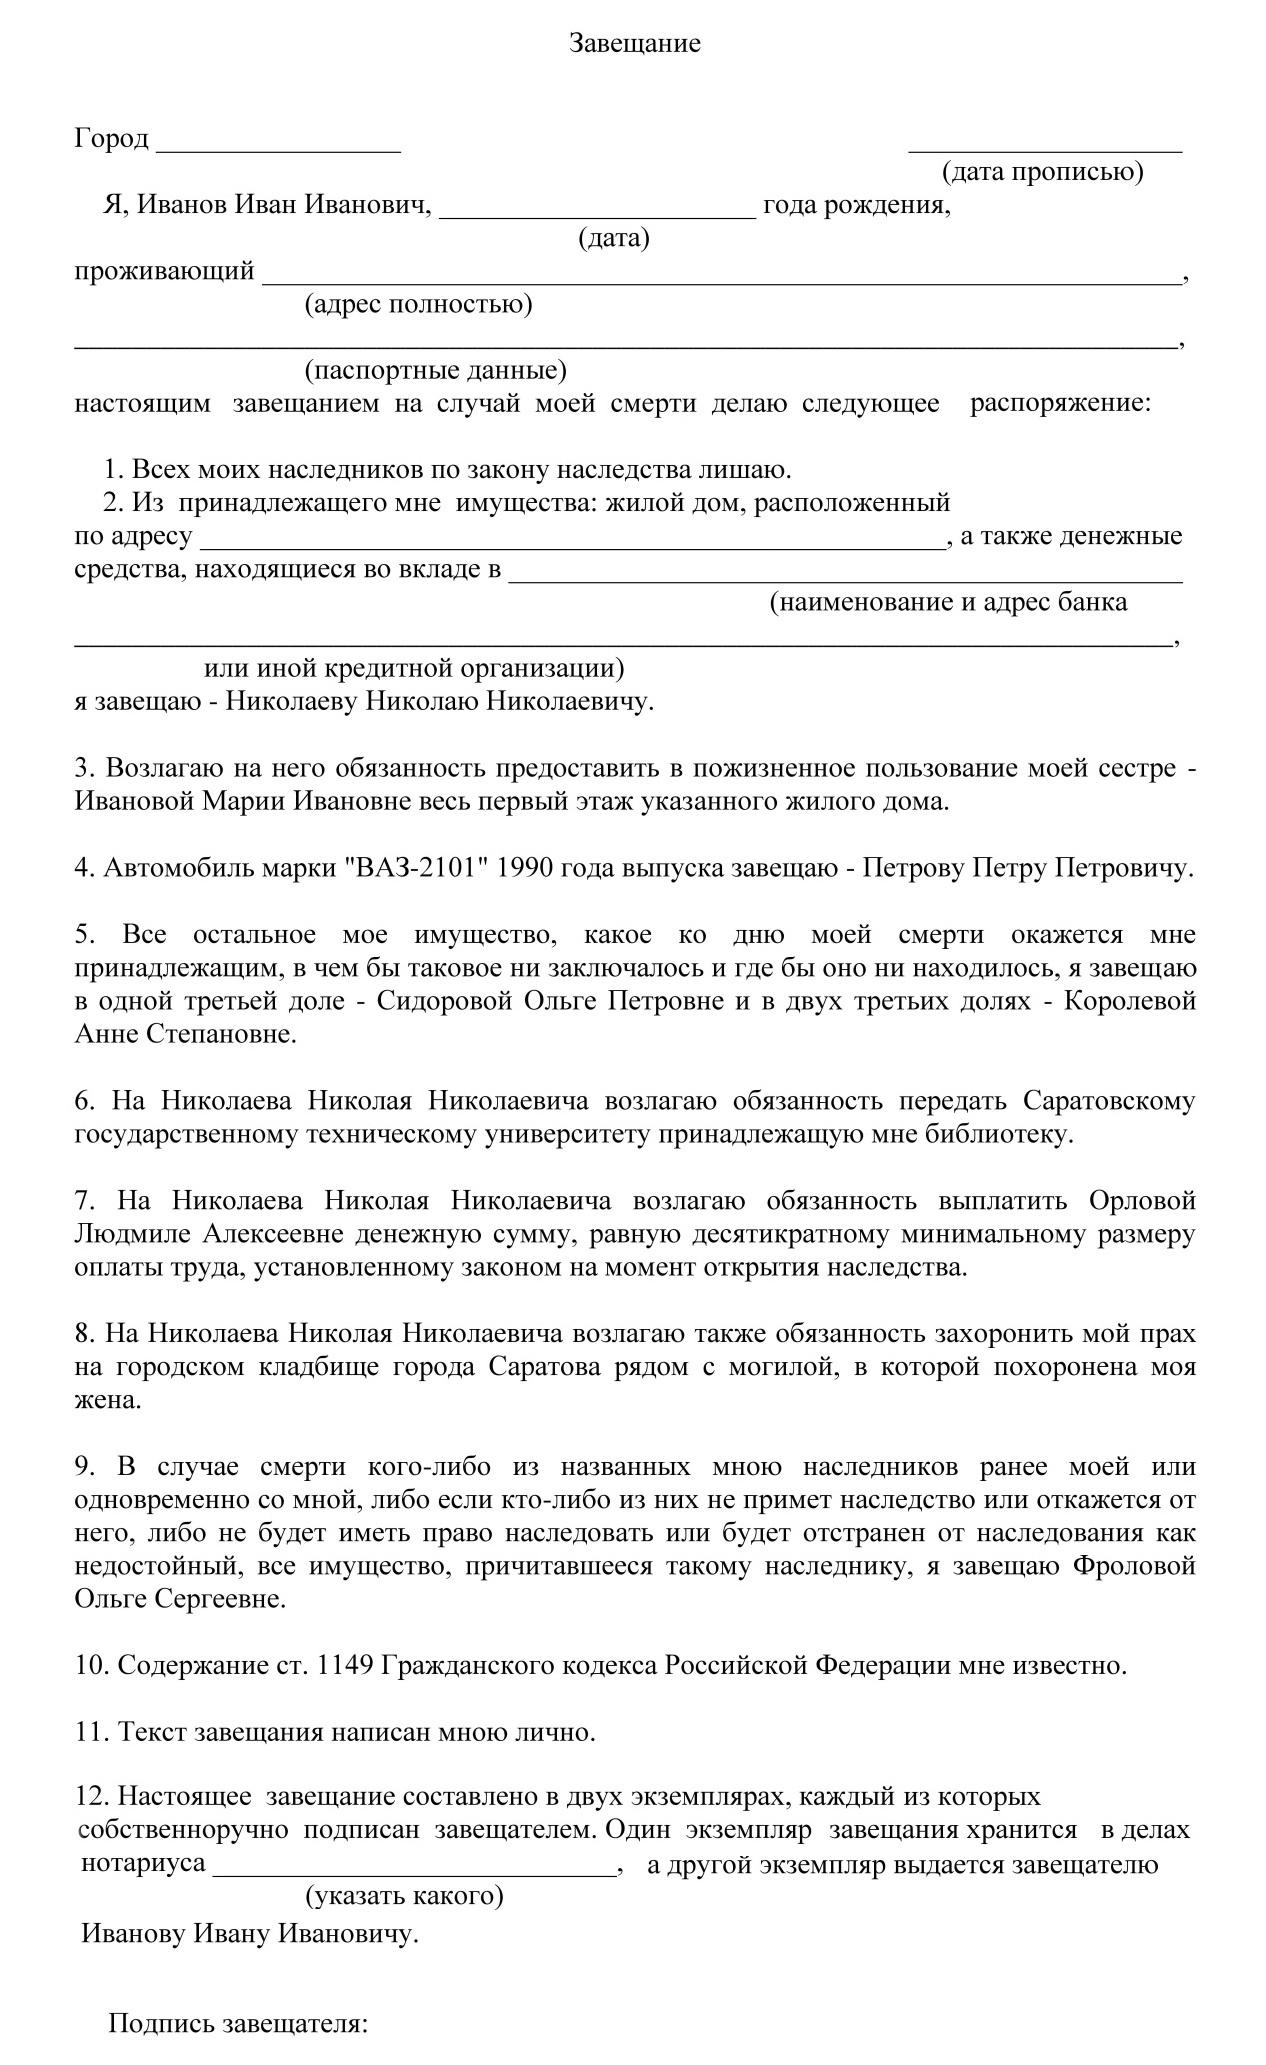 Налог на наследство по завещанию в россии 2019 году внуки